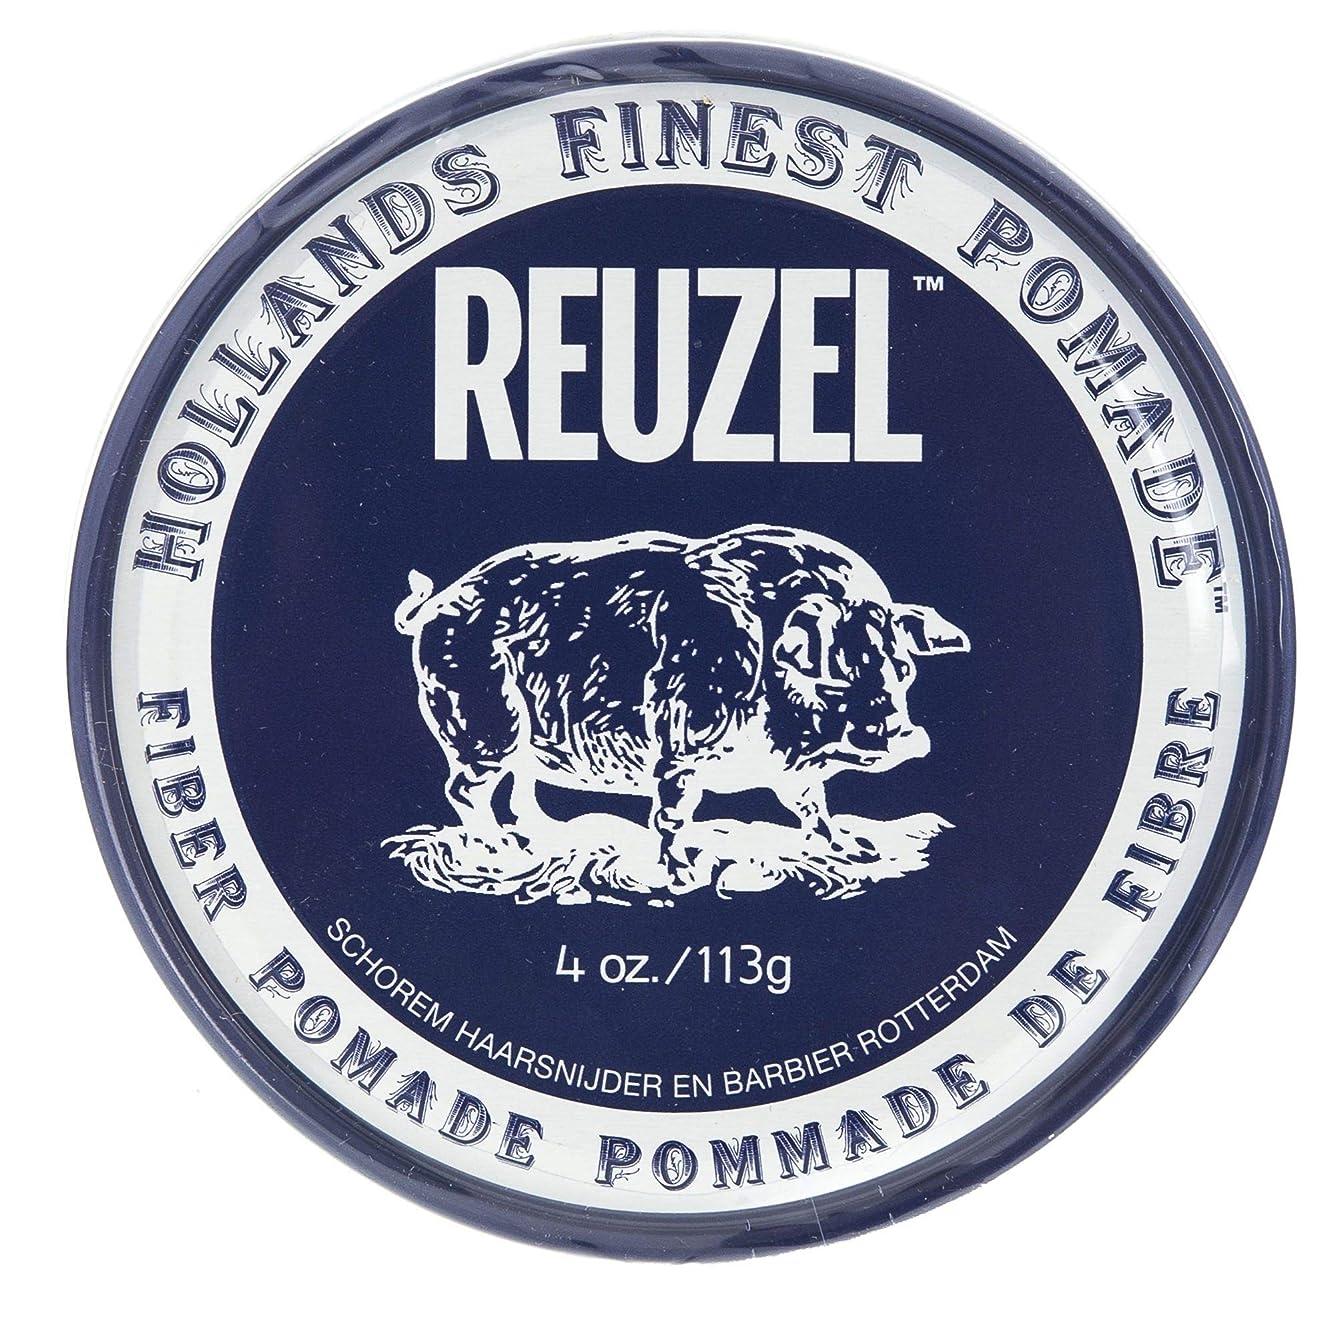 合計くつろぎ故意のルーゾー ネイビー ファイバー ポマード Reuzel Navy Fiber Pomade 113 g [並行輸入品]